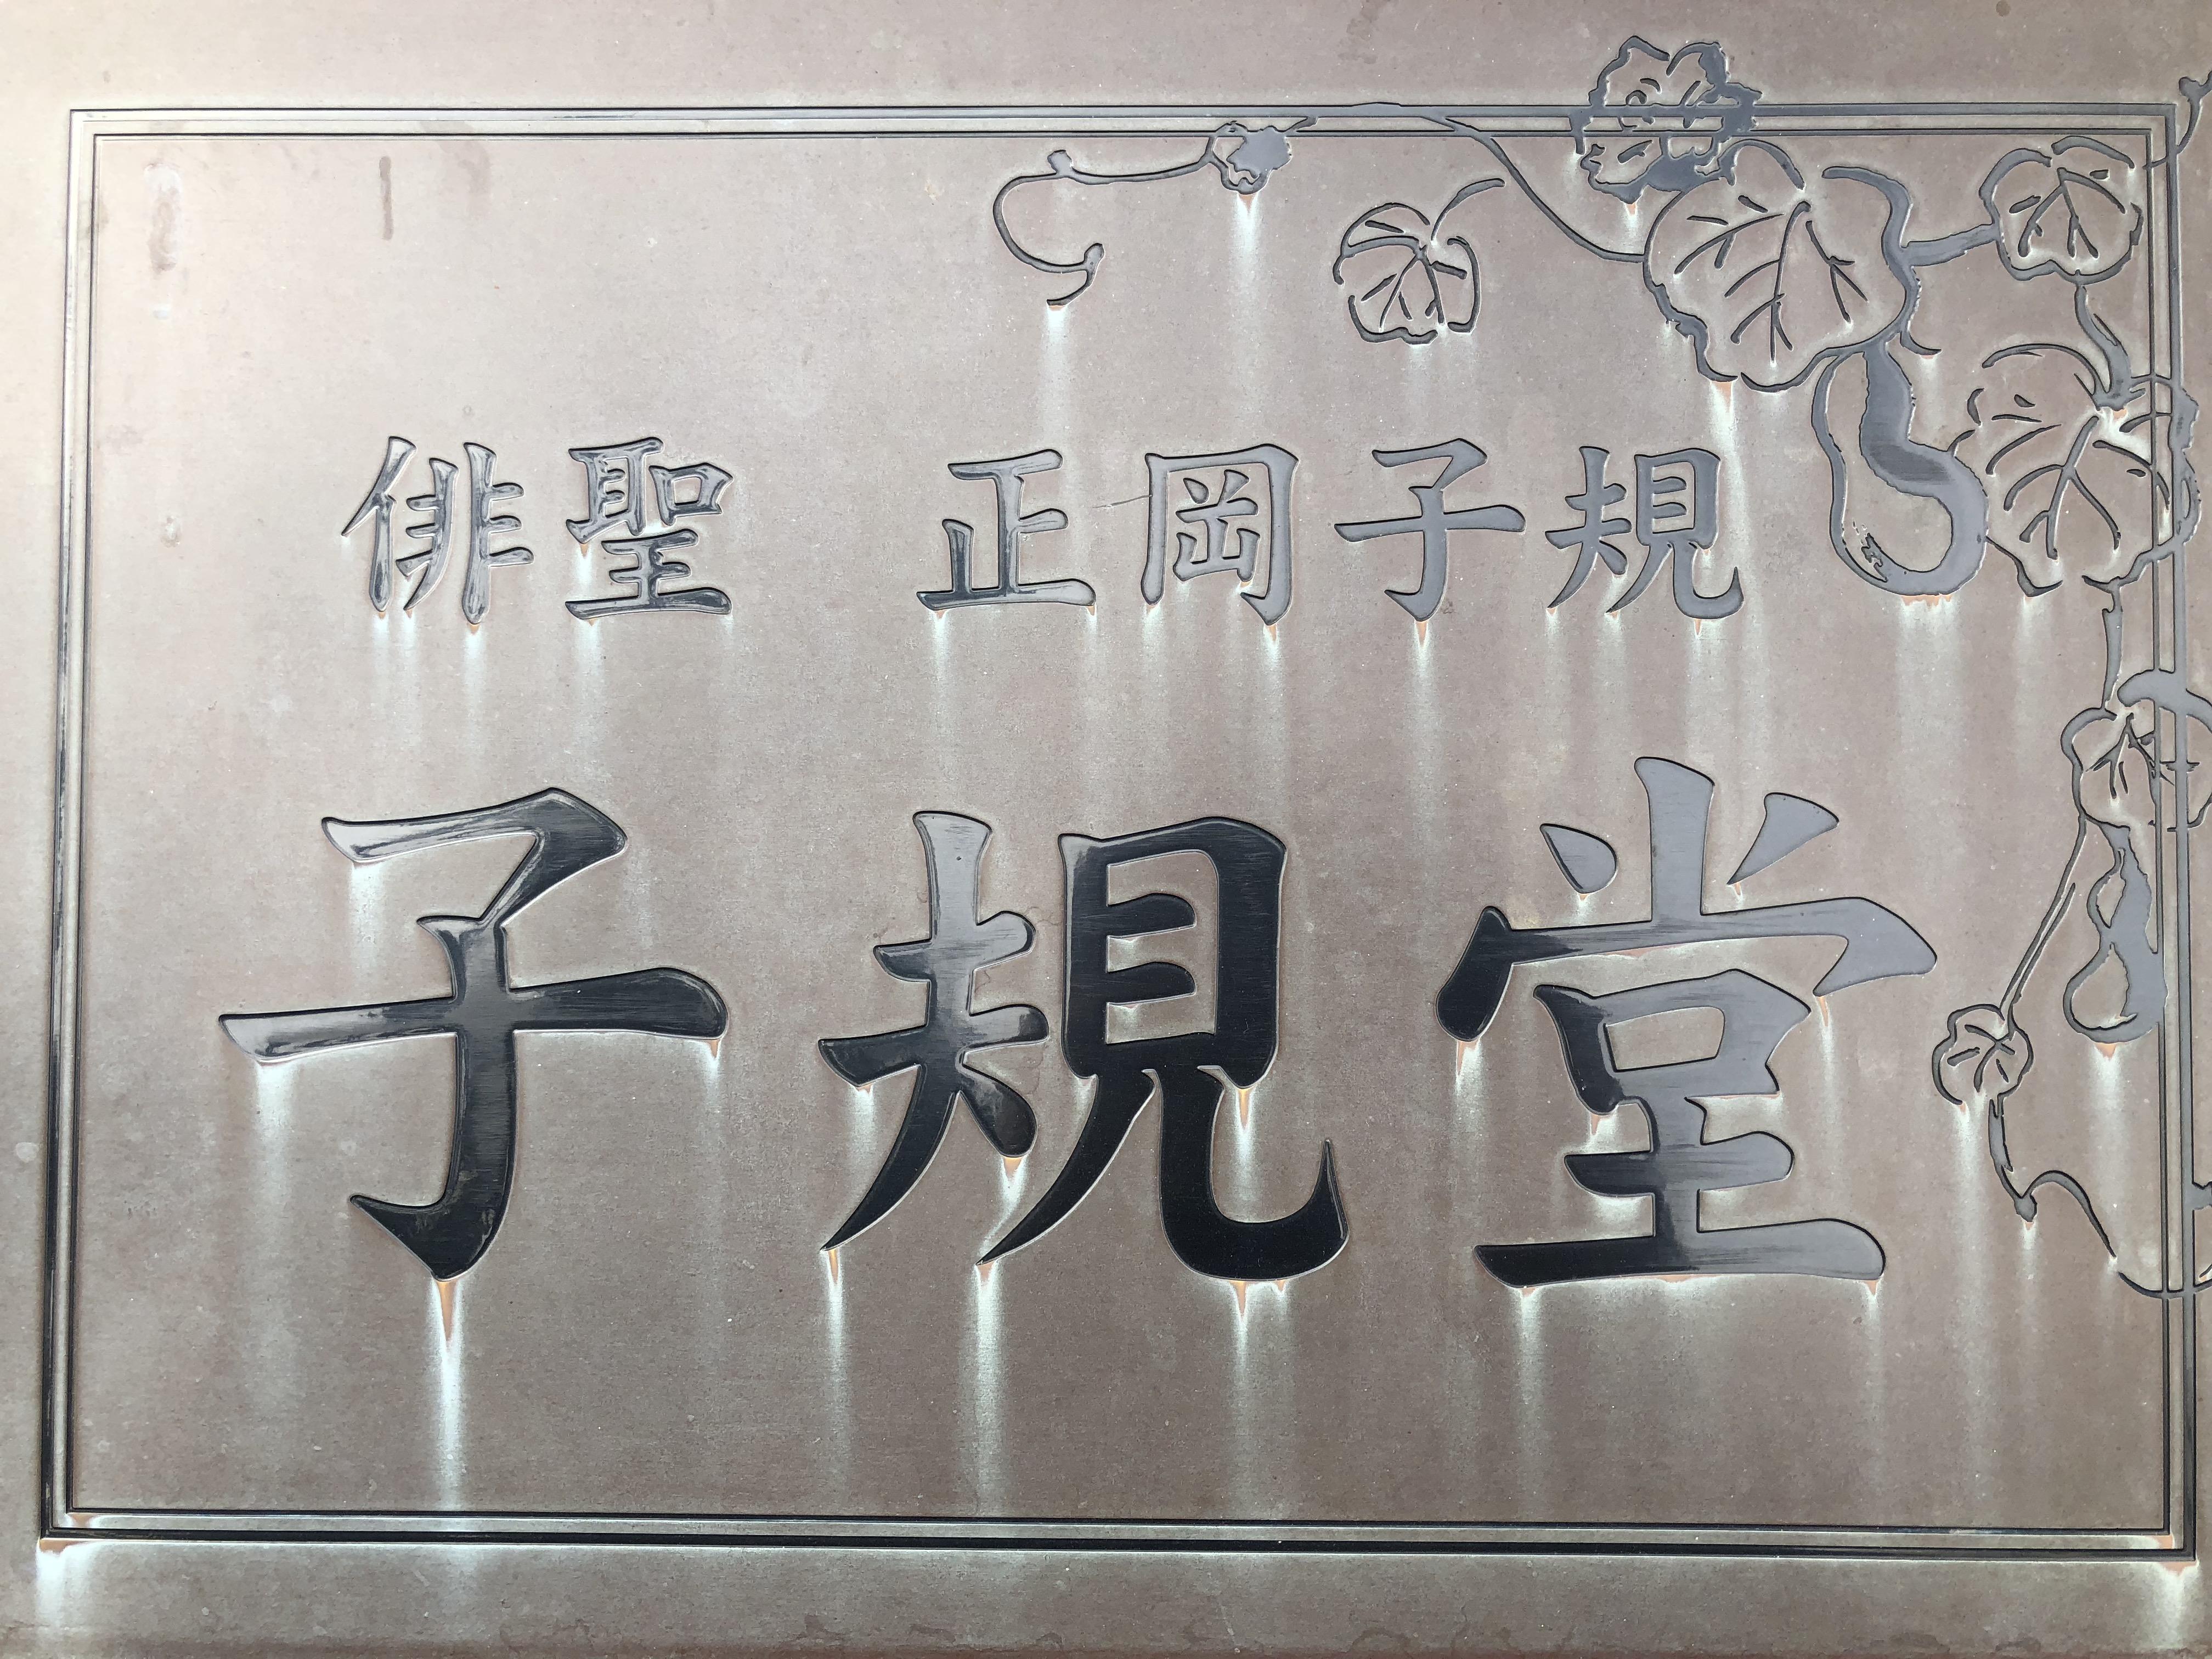 松山市にある子規堂の漆喰壁を見てきた